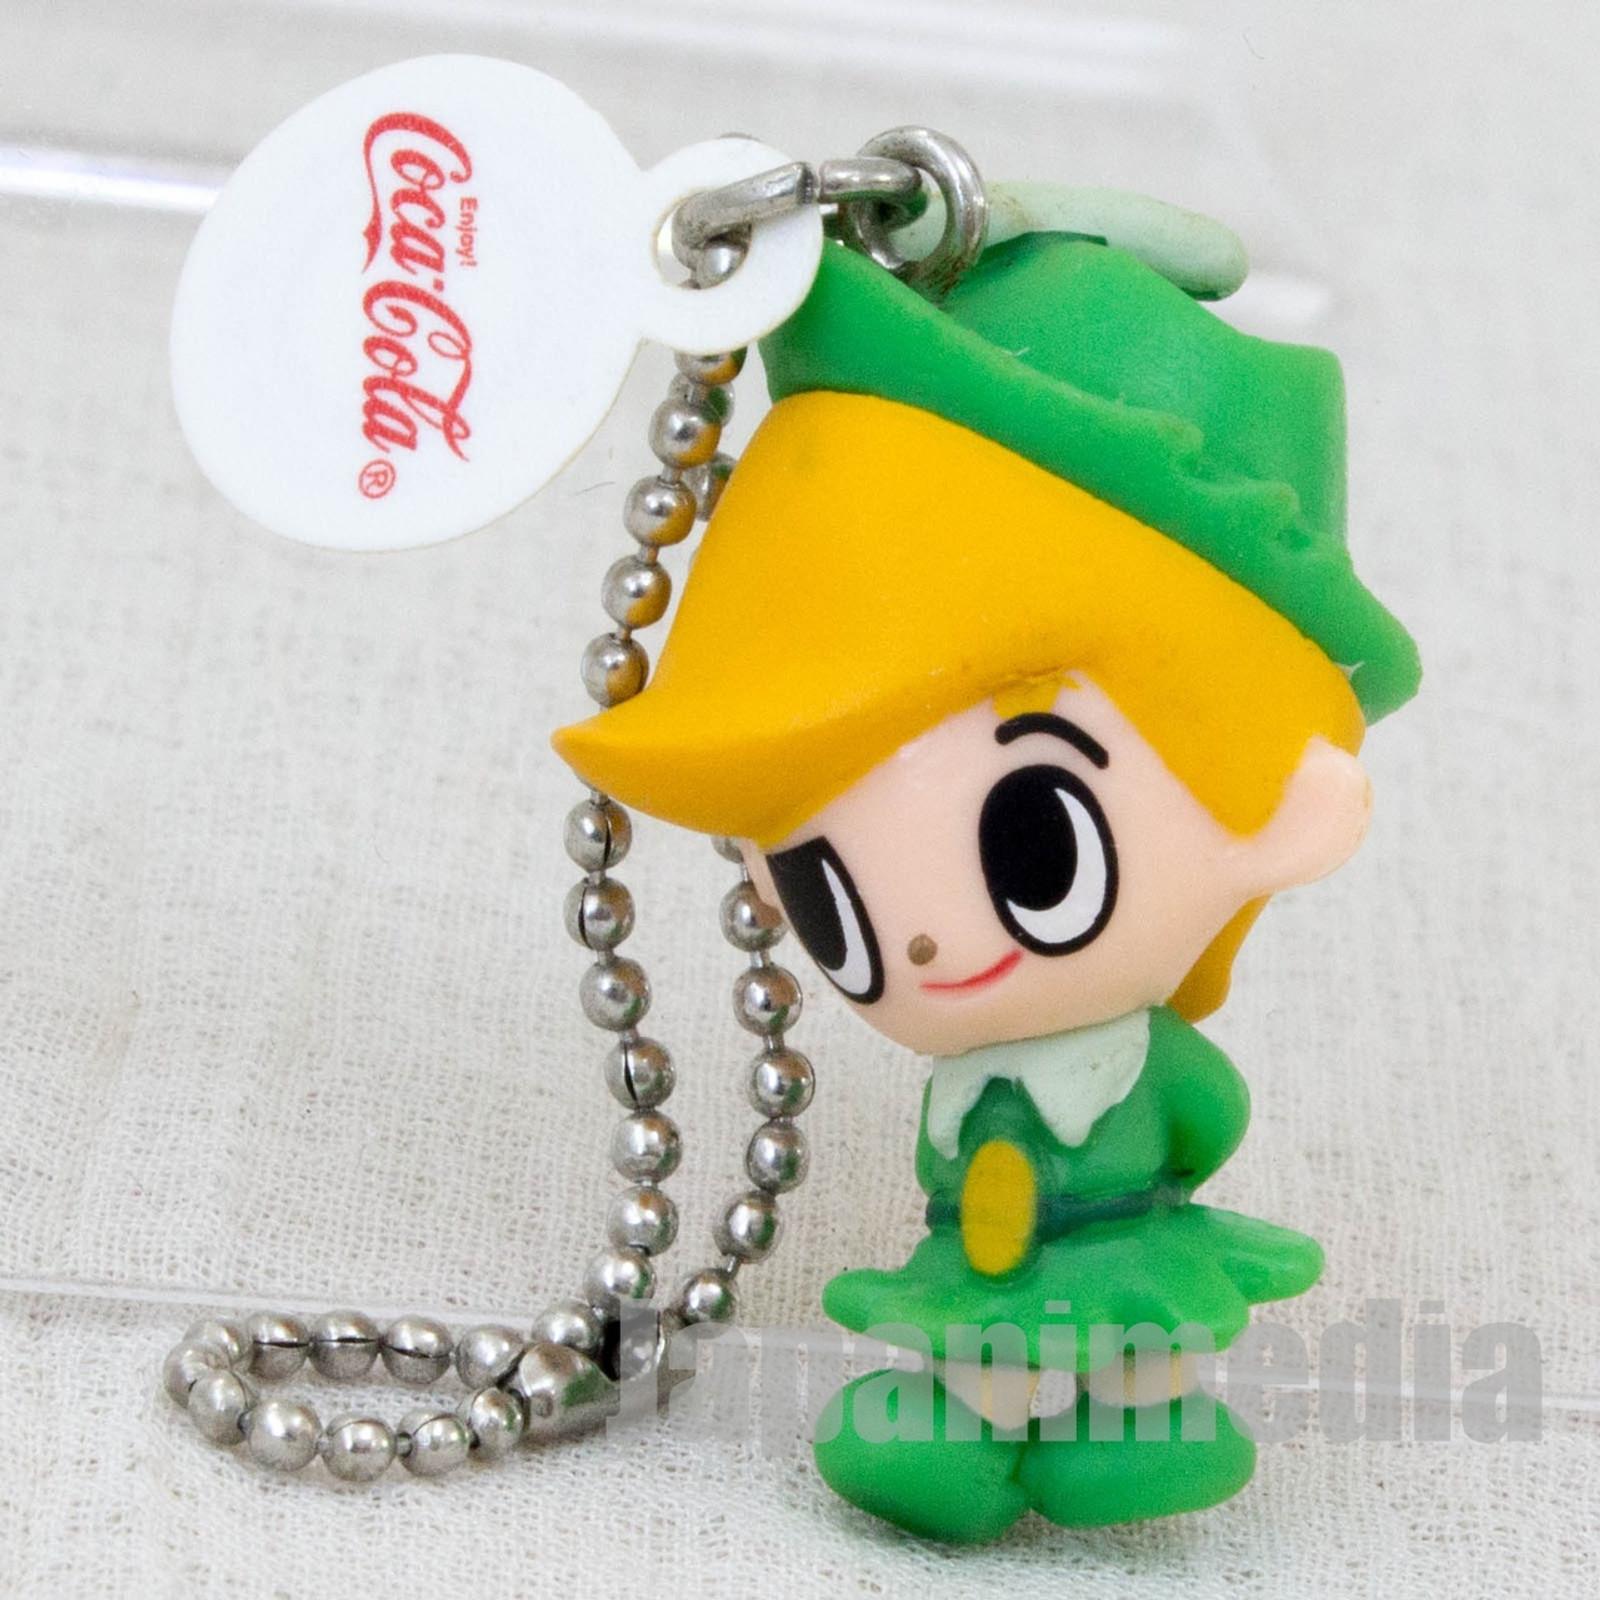 Princess Knight Tink Mascot Figure Ball Chain Tezuka Osamu JAPAN ANIME